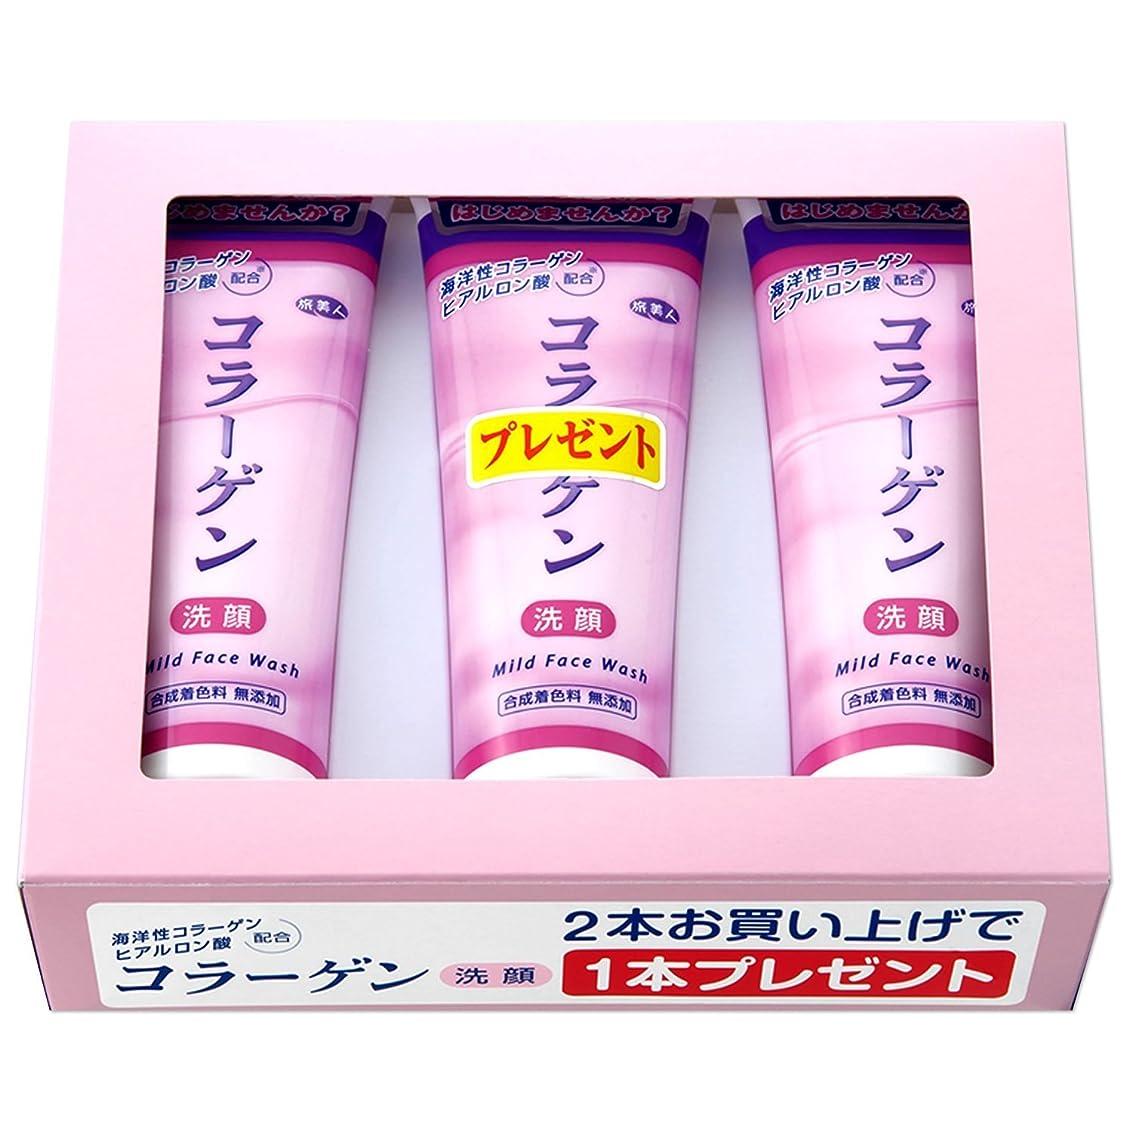 誘導佐賀観点アズマ商事の コラーゲン洗顔クリーム お得な 2本の値段で3本入りセット